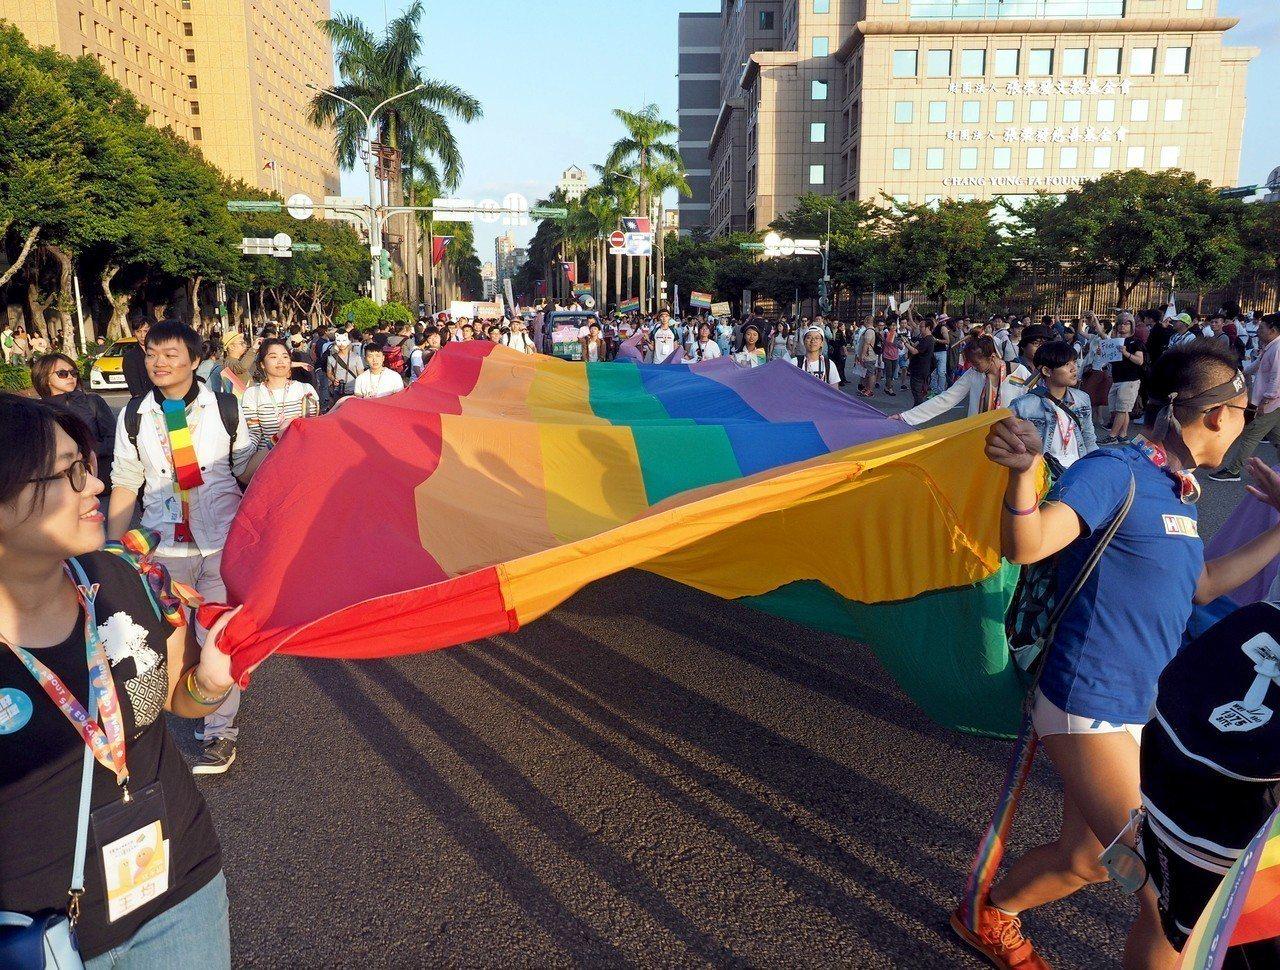 台灣24日舉辦公投,婚姻應限定在一男一女結合的提案過關,衝擊台灣做為亞洲地區同志...